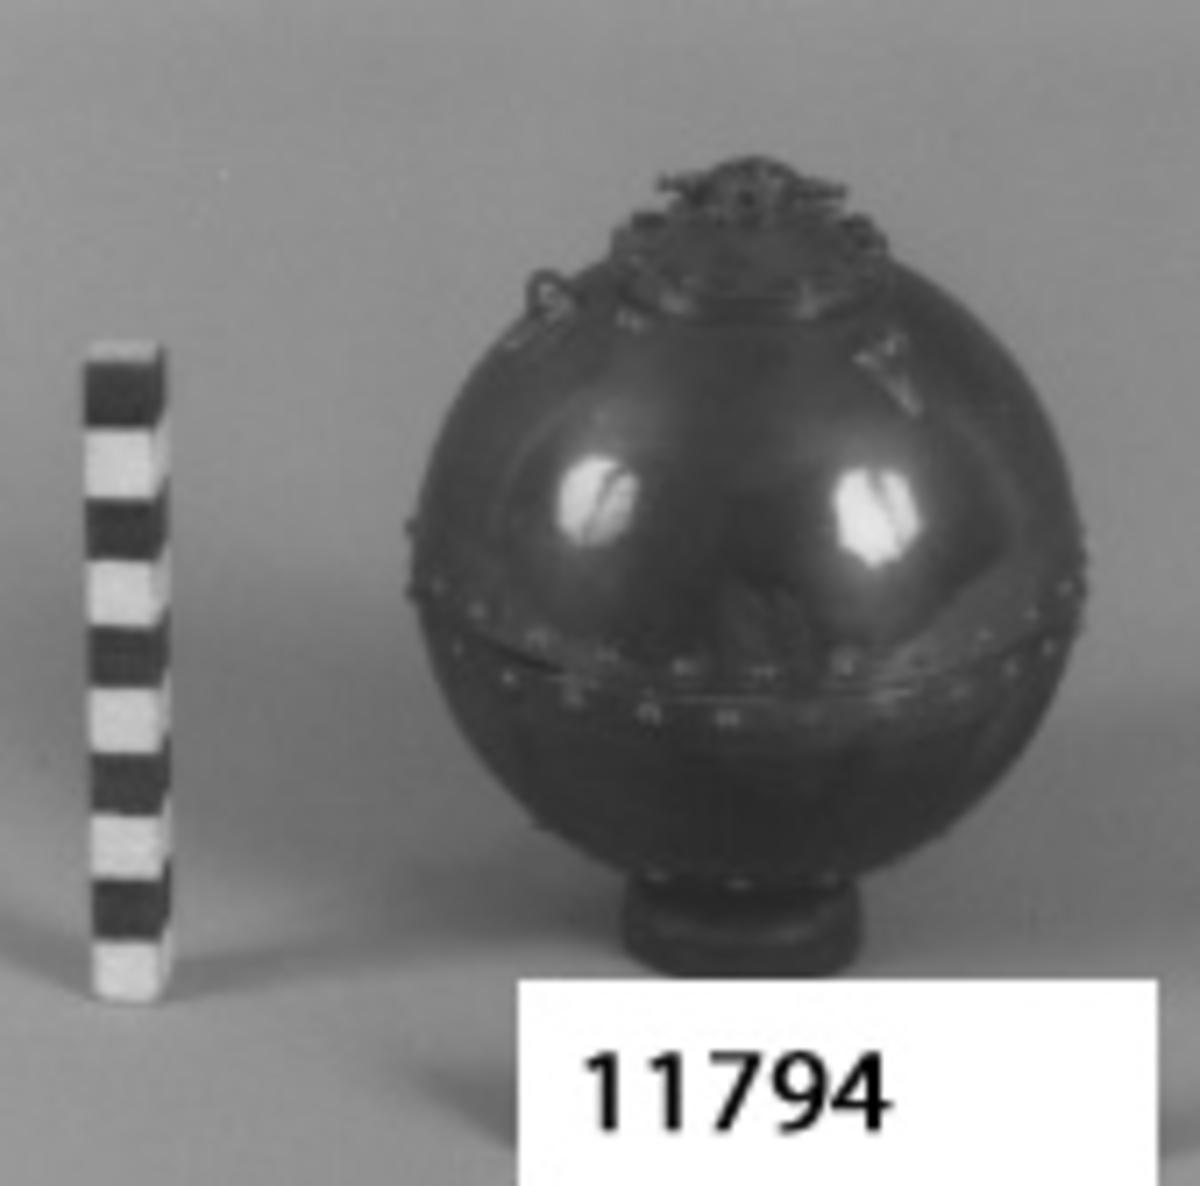 Modell av koppar föreställande stötmina. Klotformad. samt nitad. Koppartråd är fäst i ett ankare av trä.